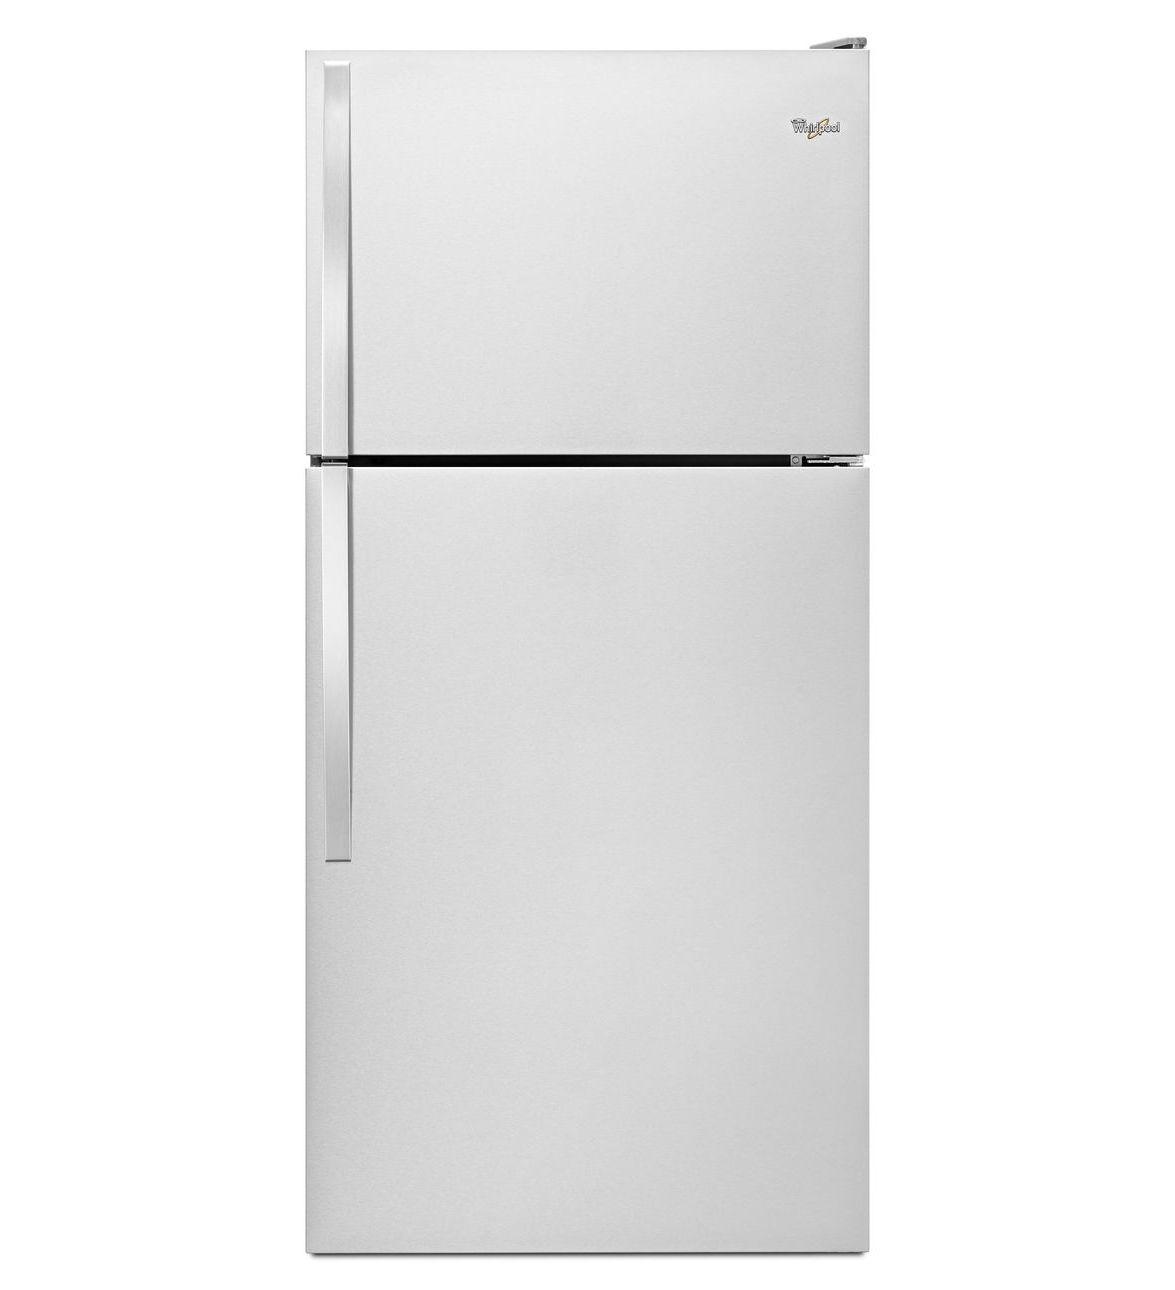 Réfrigérateur de 30 po à congélateur supérieur Whirlpool® avec bac Flexi-Slide™